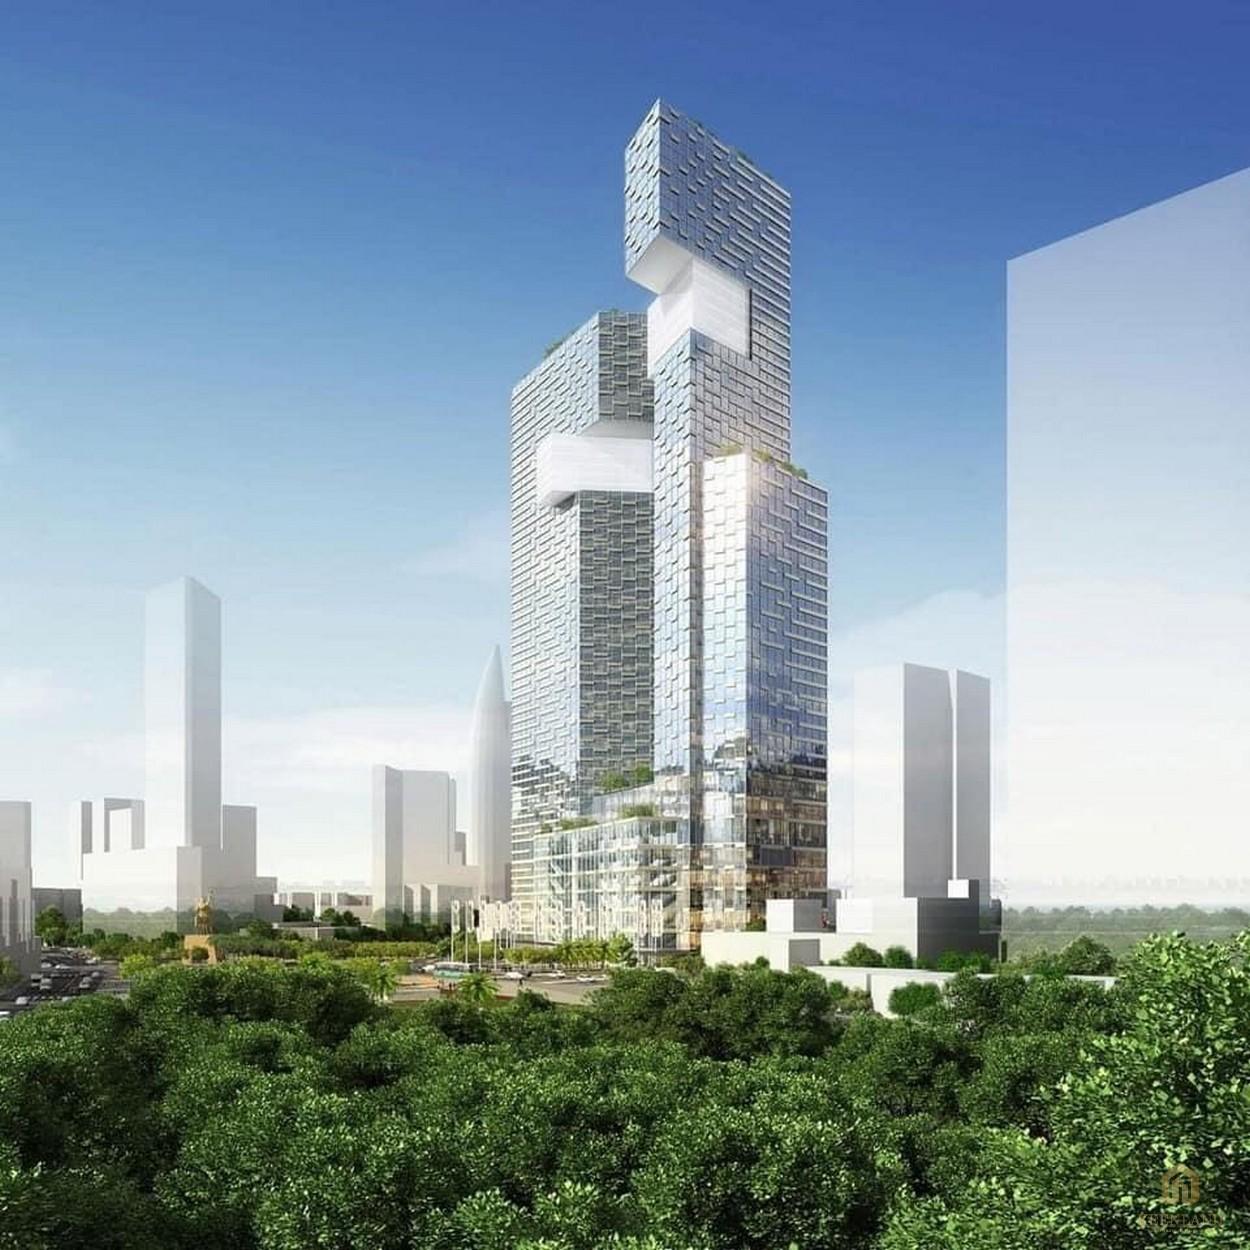 Phối cảnh dự án căn hộ One Central Quận 1